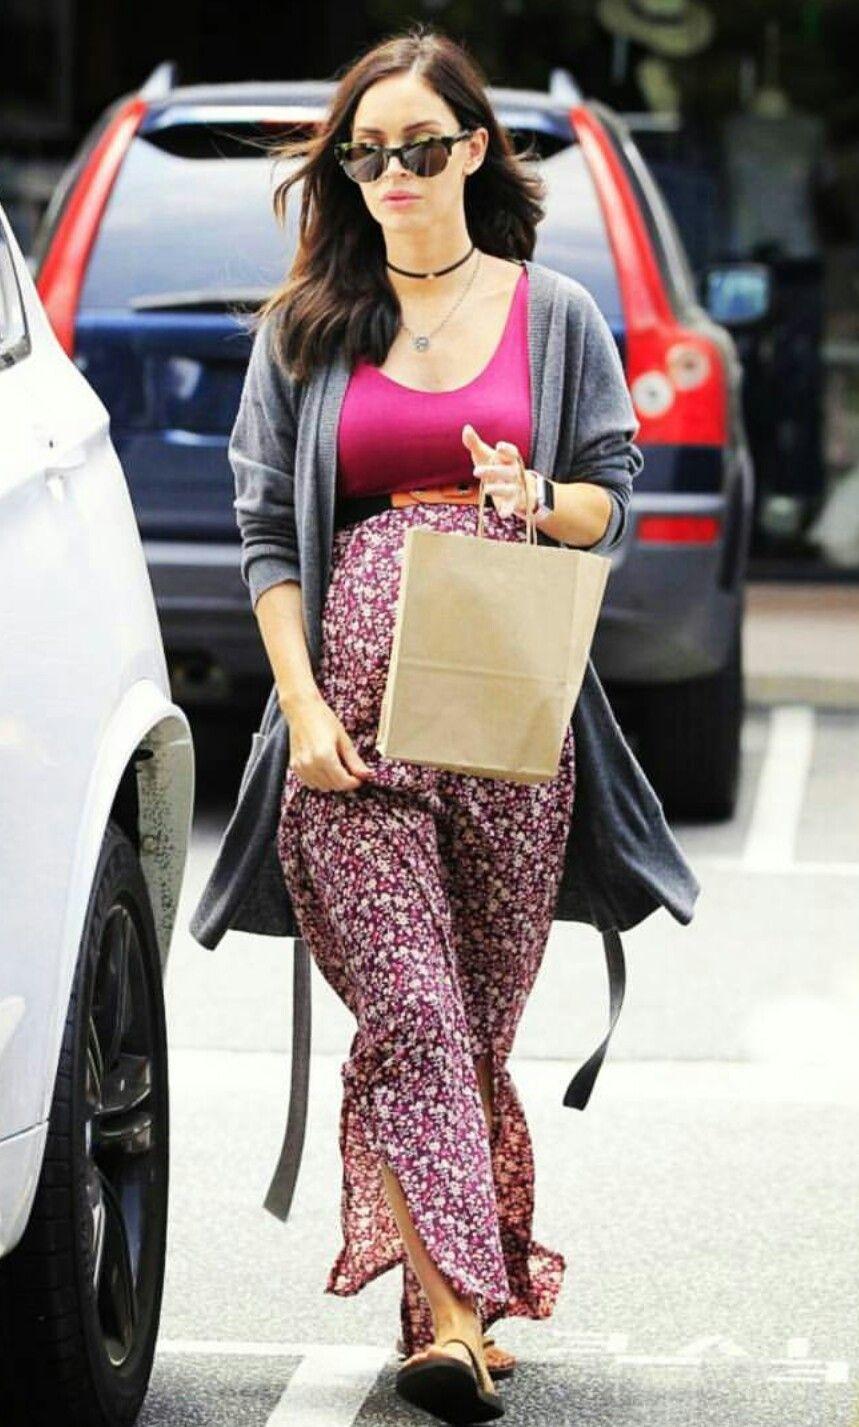 O estilo lindo de gravidinha da Megan Fox!✨ #creative #pregnant #style